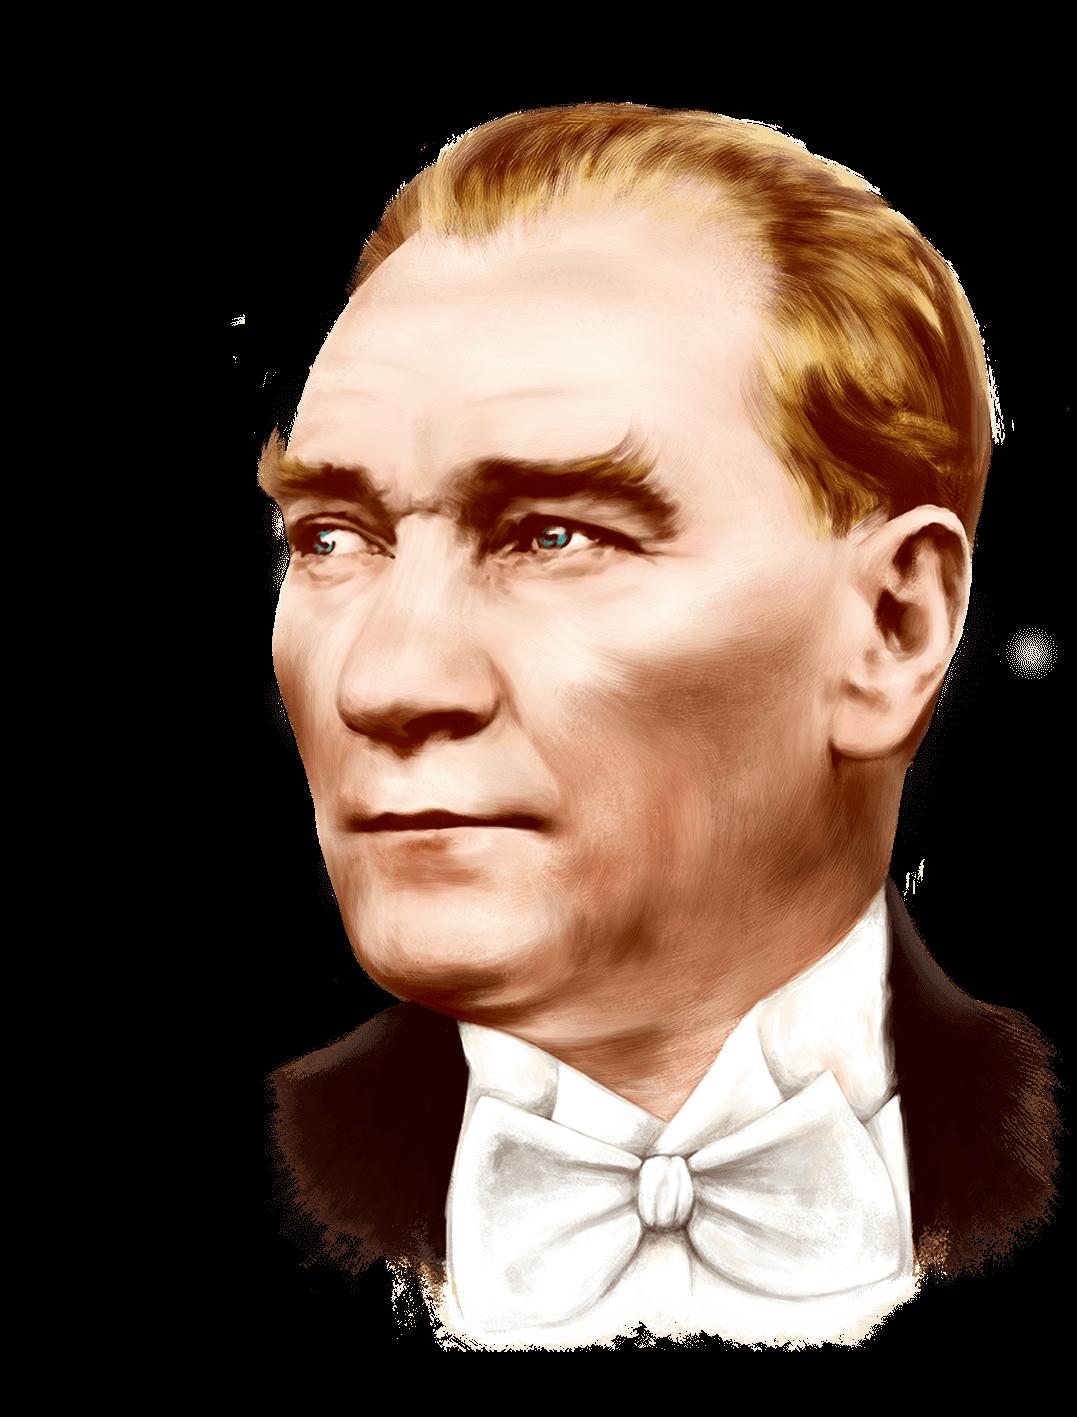 Ataturk 03 Png Transparent Ataturk 03 Png Images Pluspng